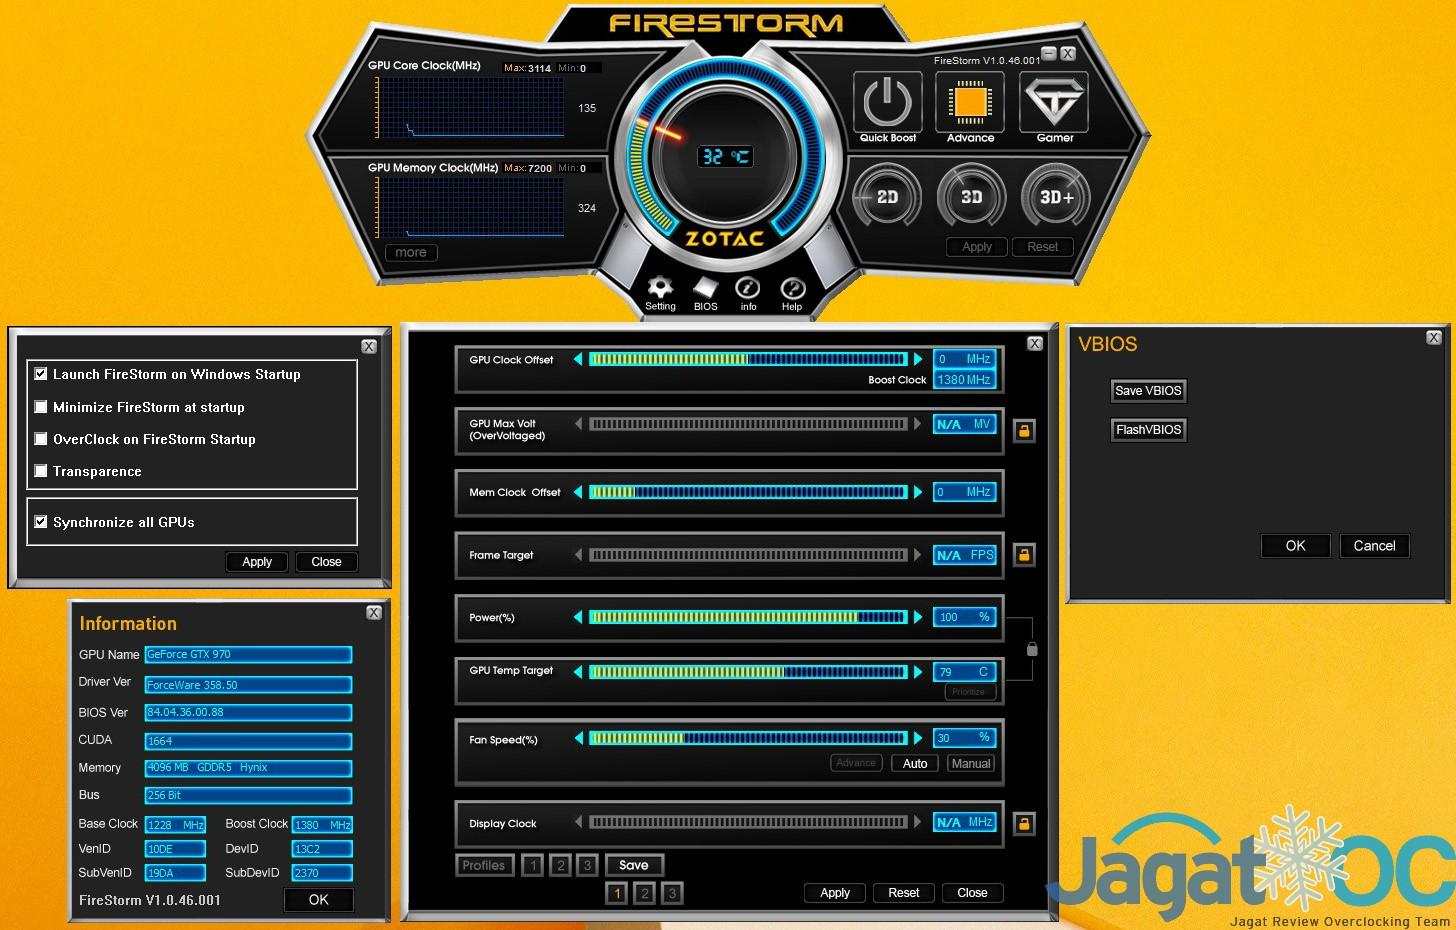 Zotac GTX970 AMP 55